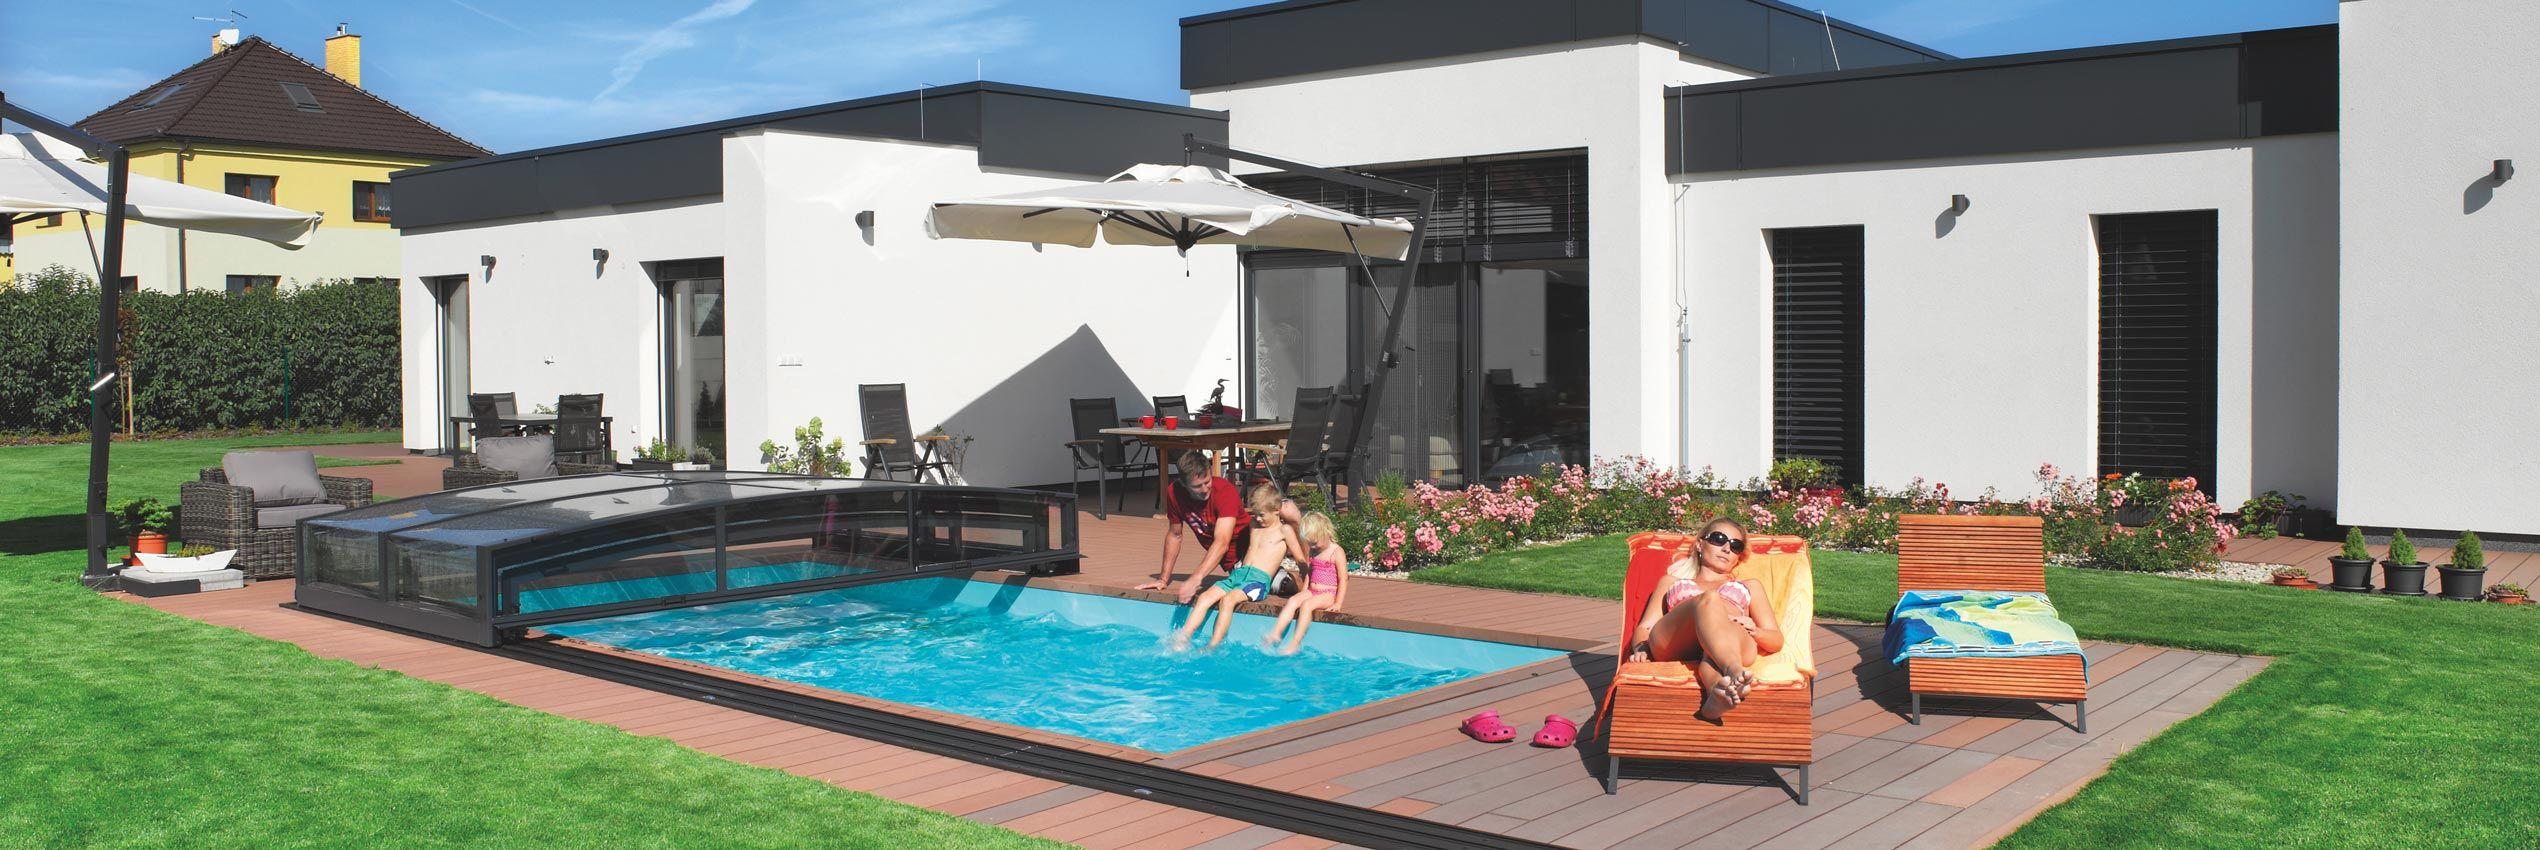 Berdachungen f r terrassen und pools von alukov austria for Garten pool tulln